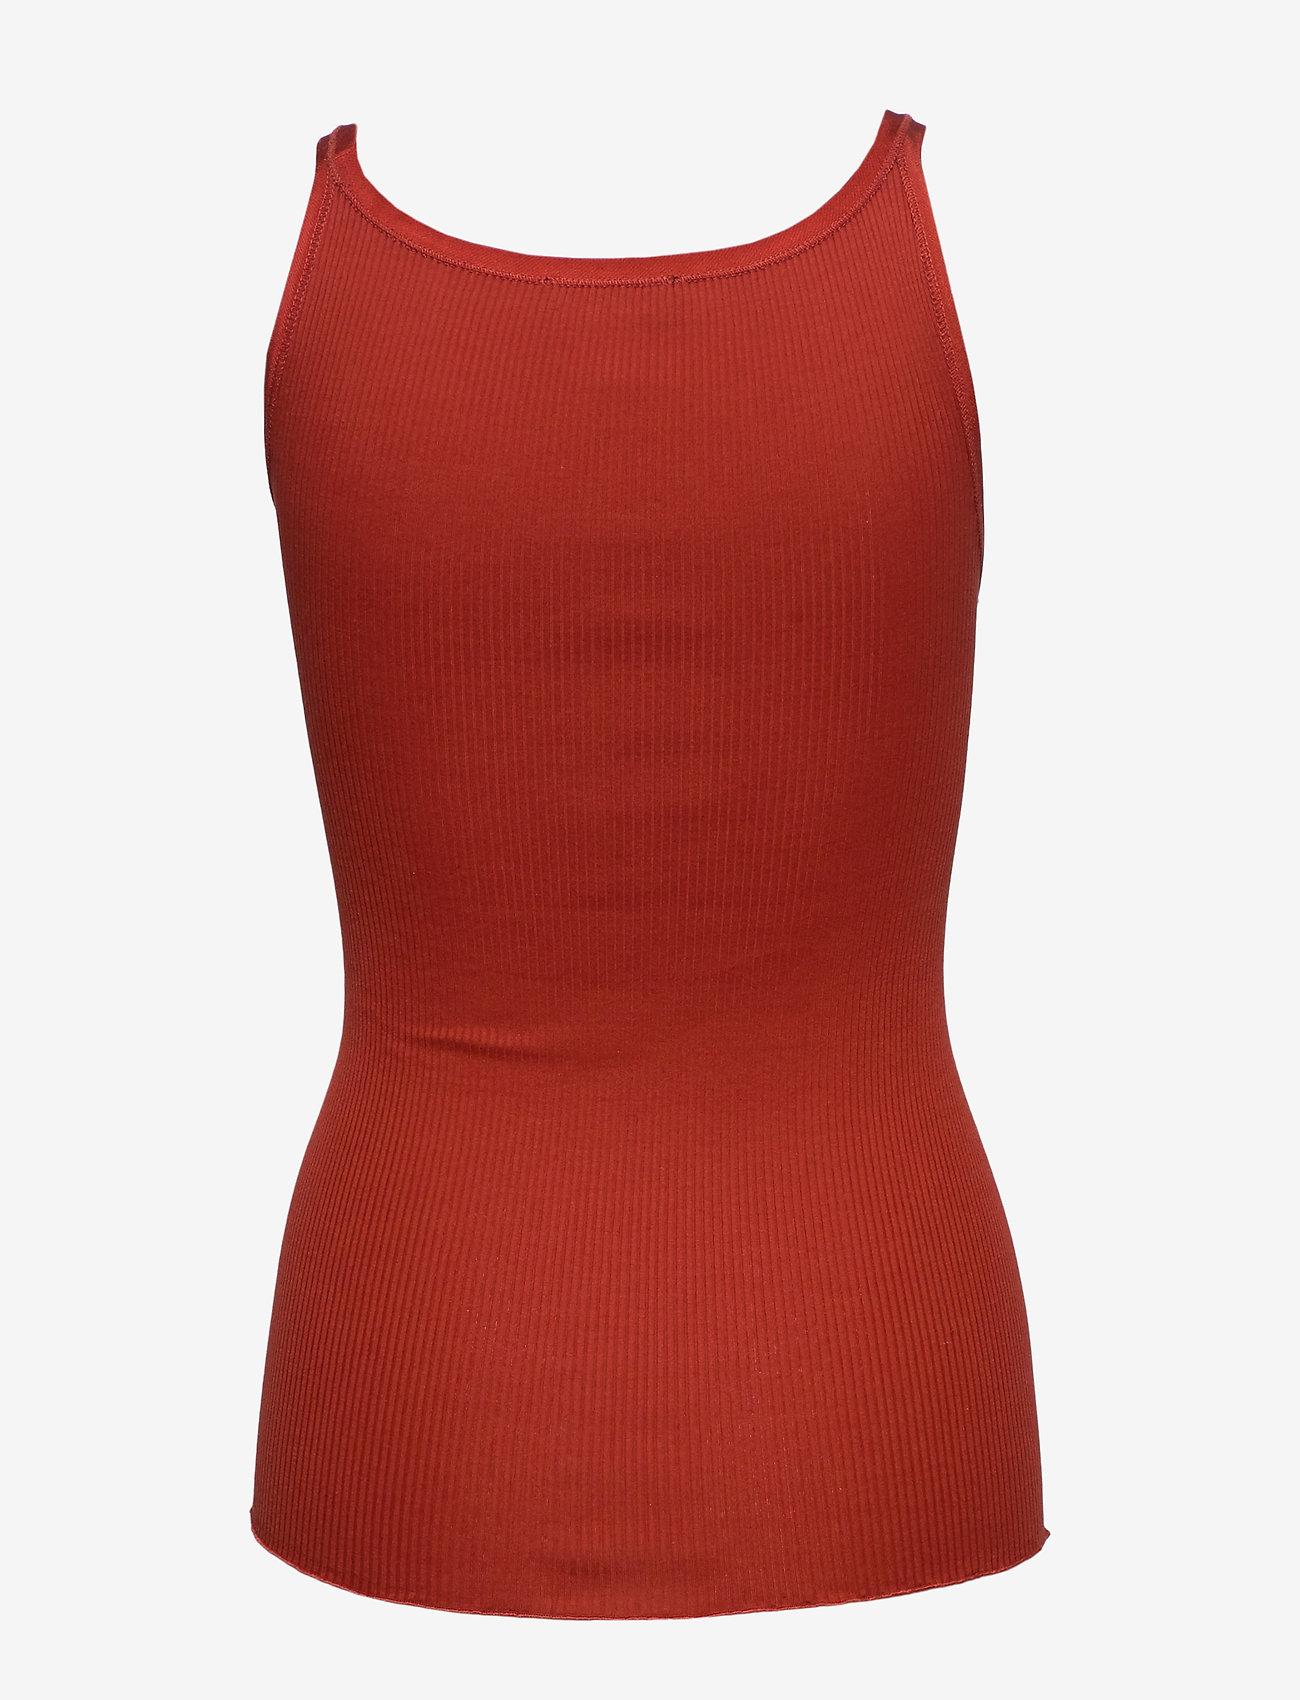 Rosemunde - Silk top regular w/elastic band - ermeløse topper - red ochre - 1